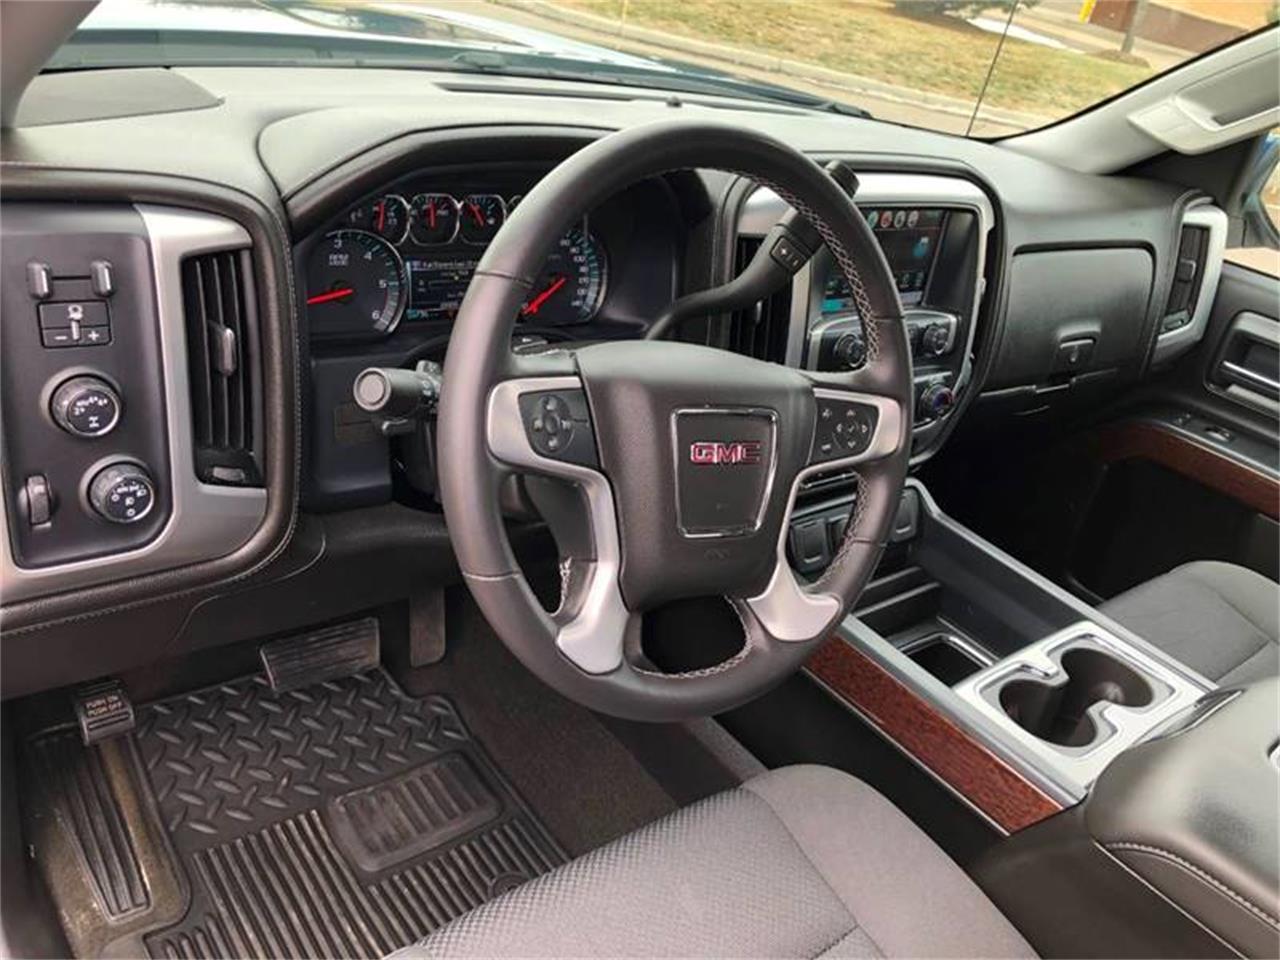 2017 GMC Sierra 1500 (CC-1332493) for sale in Ramsey, Minnesota